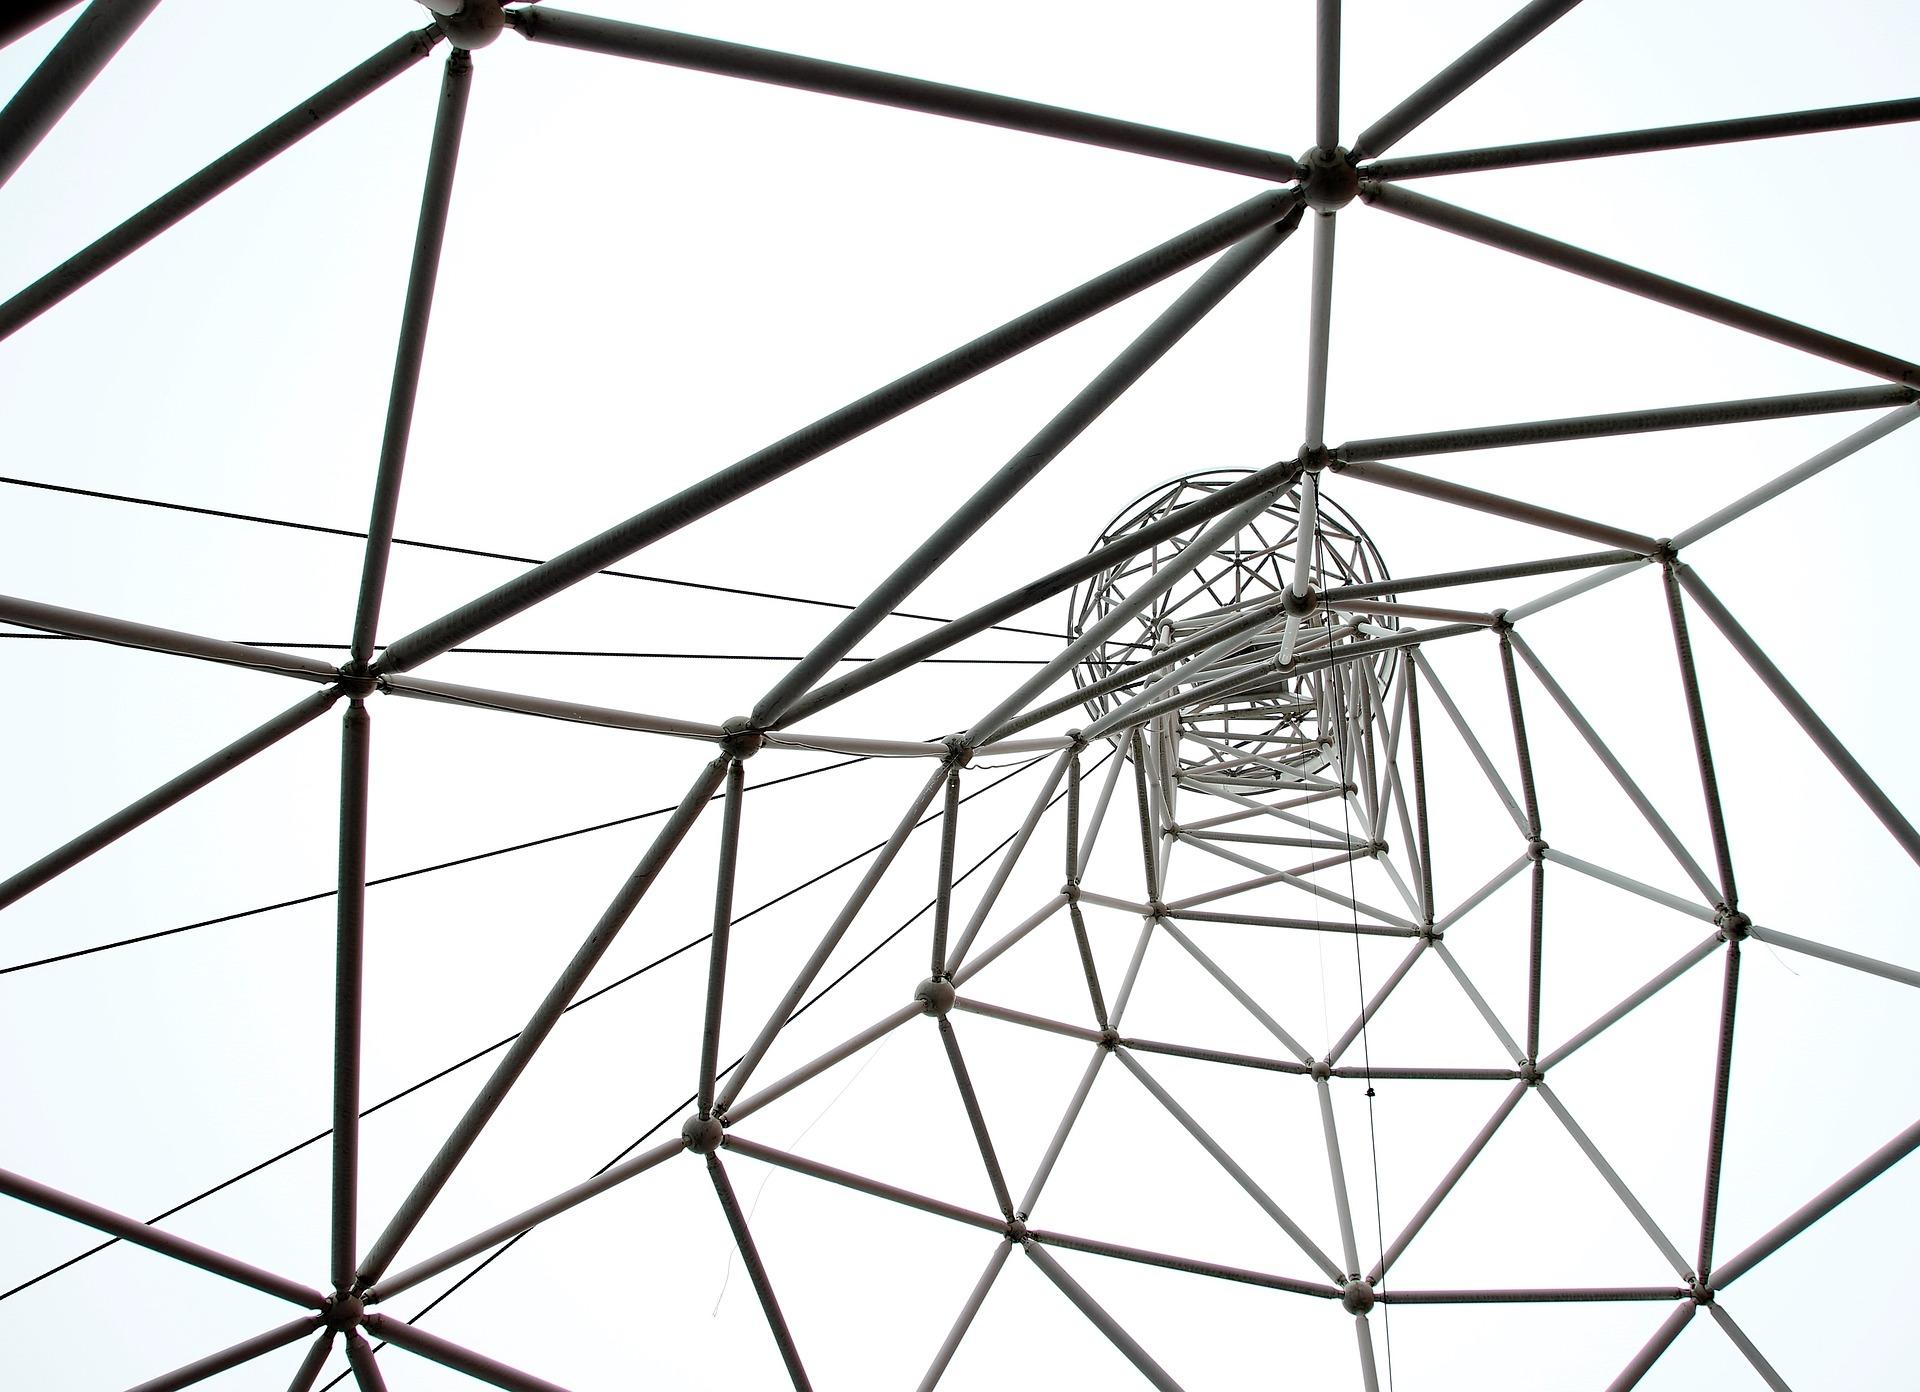 scaffold-1790016_1920.jpg